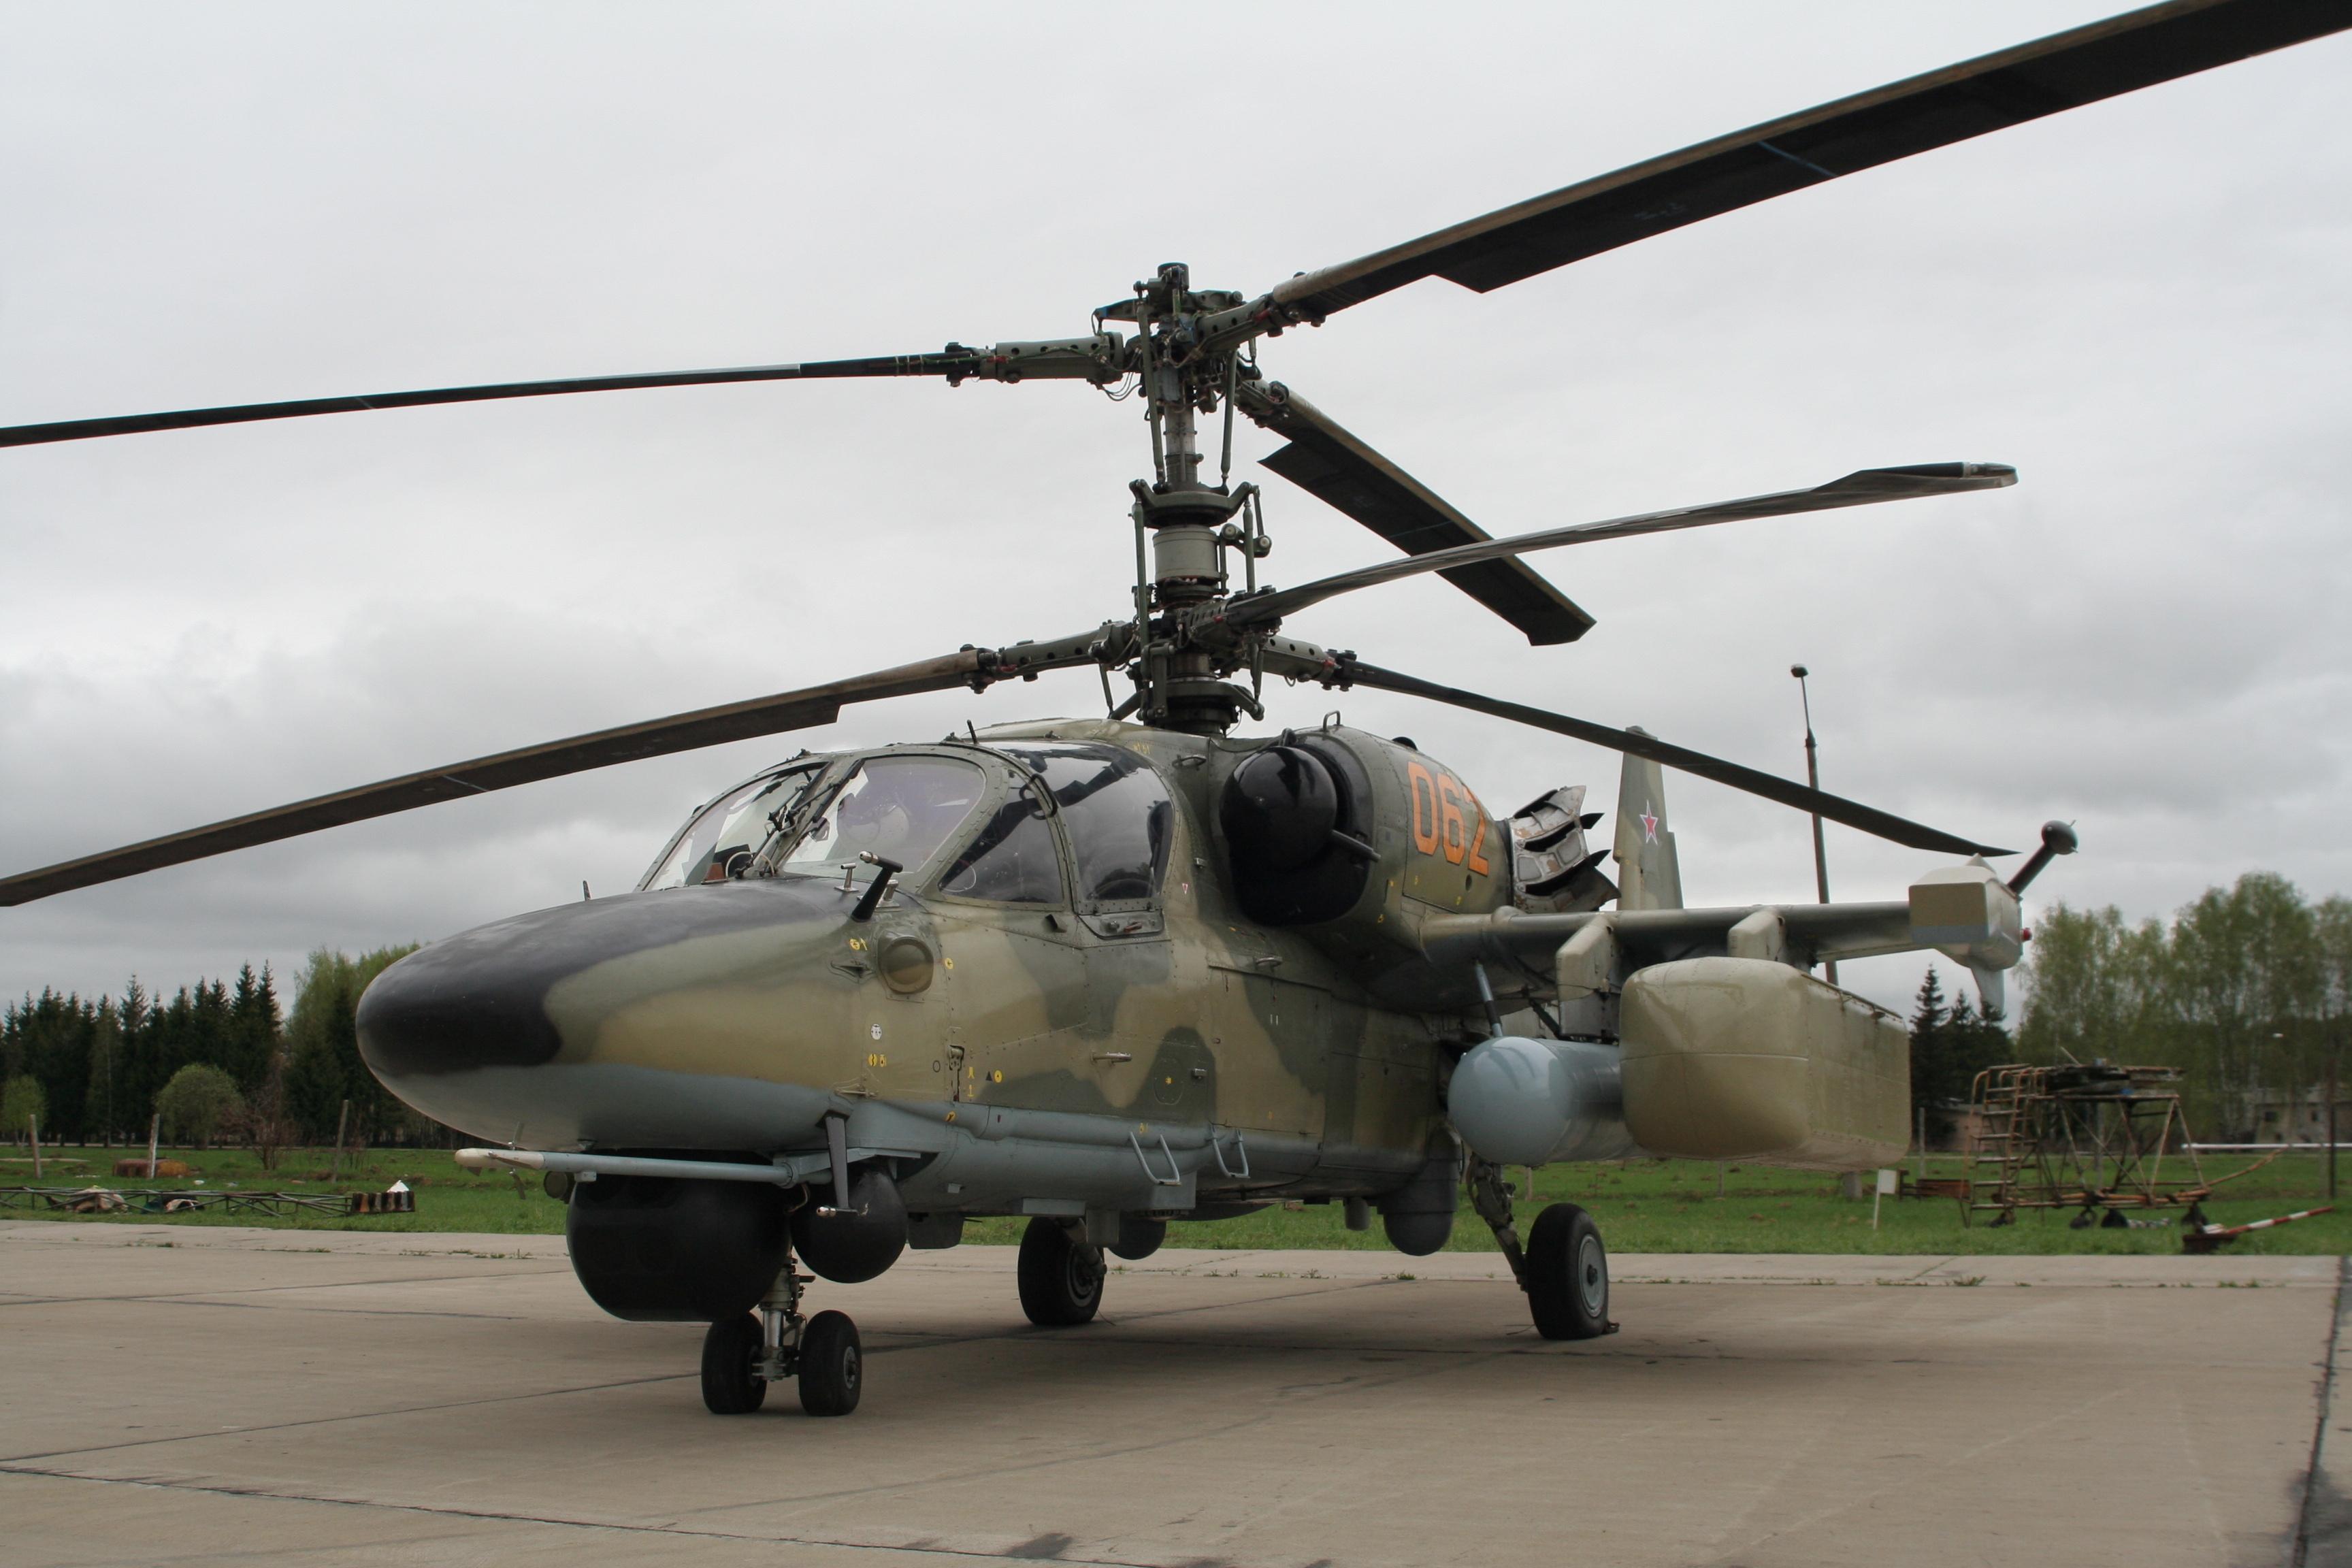 обои для рабочего стола вертолеты 1280х1024 высокого качества № 248540  скачать